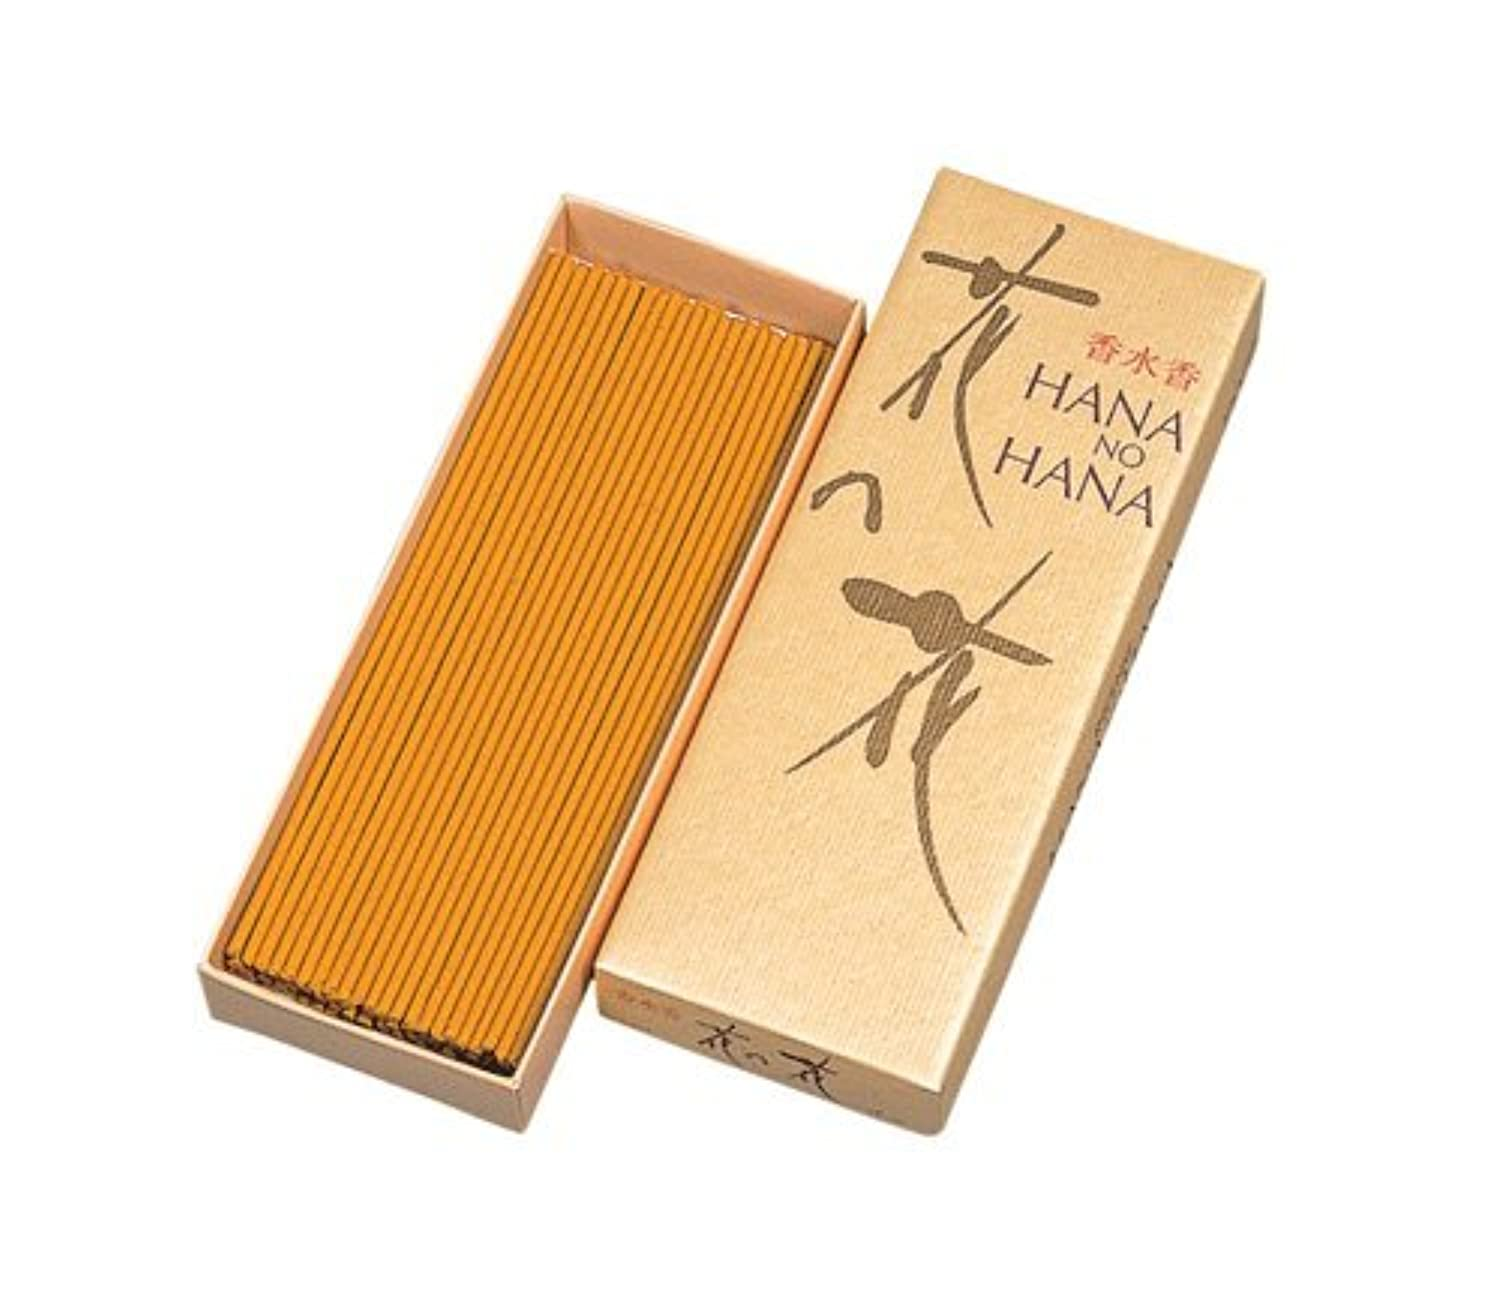 商業のハンドブックたるみバラの甘い香り 香水香 花の花 ばら 長寸80本入